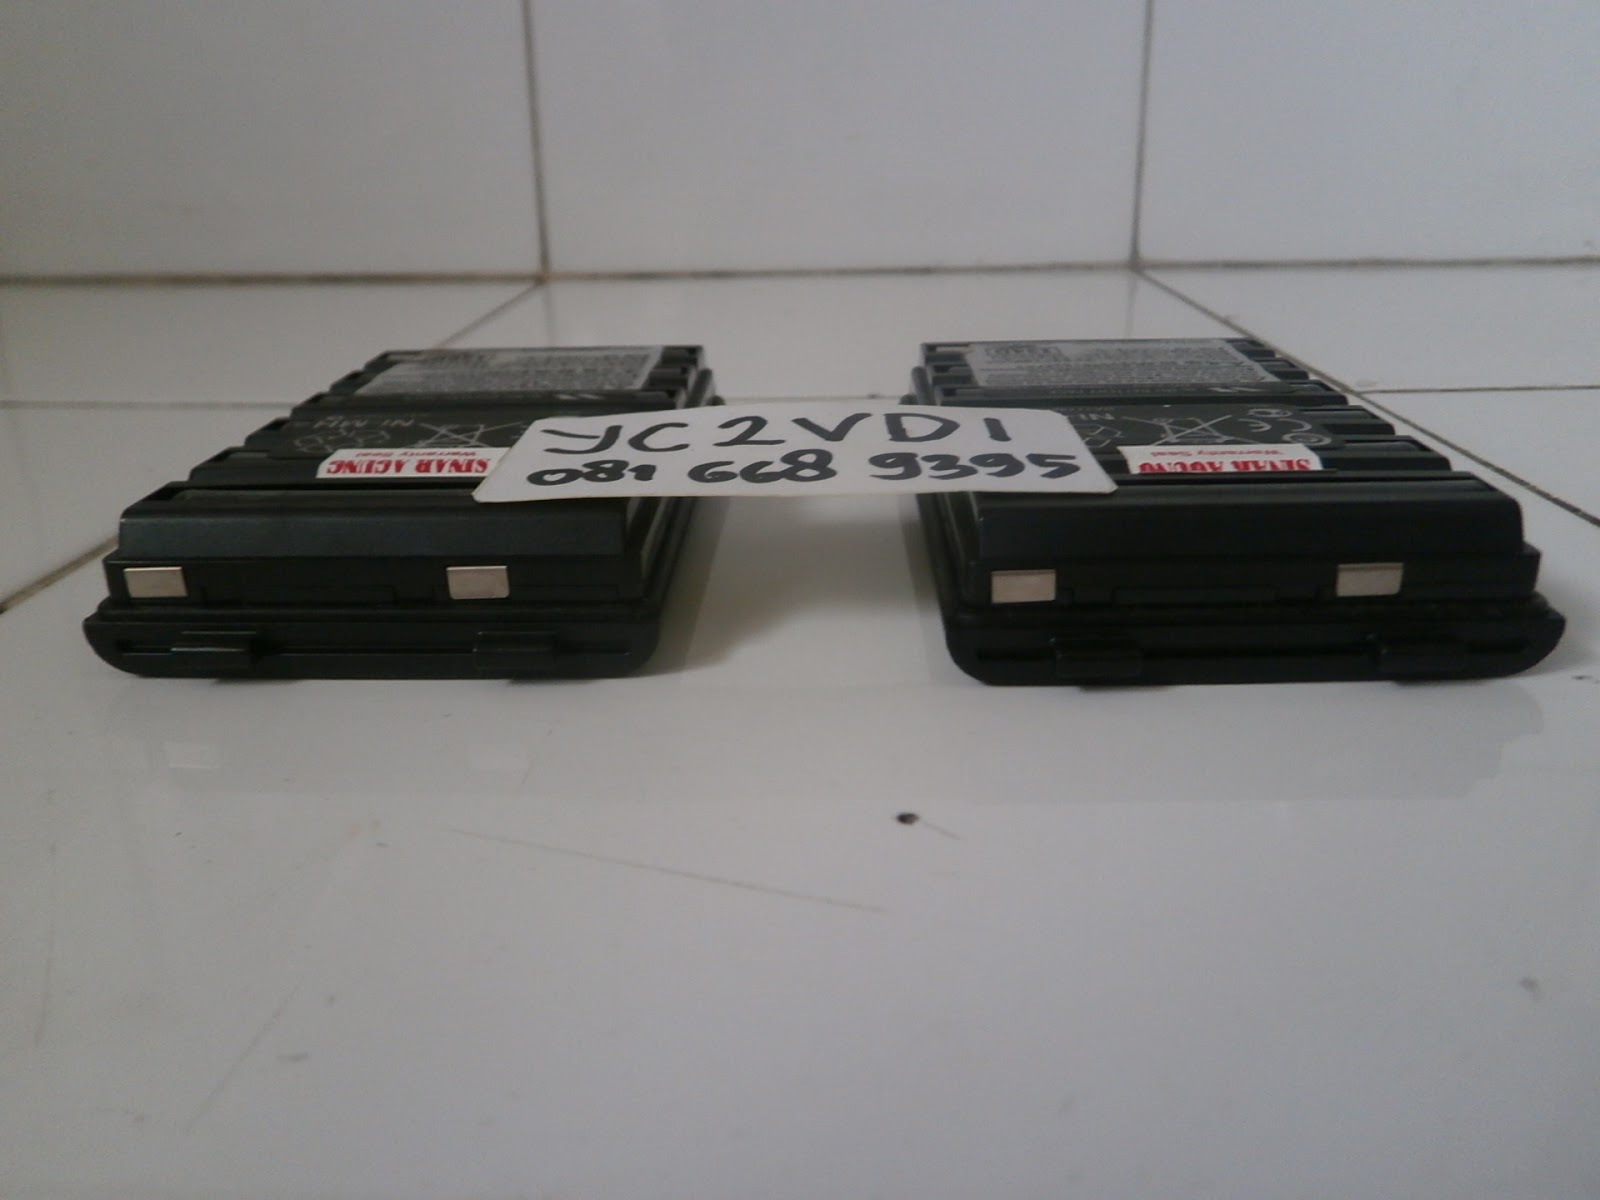 Sinar Agung Y C 2 V D I Battery Pack Yaesu Fnb 83